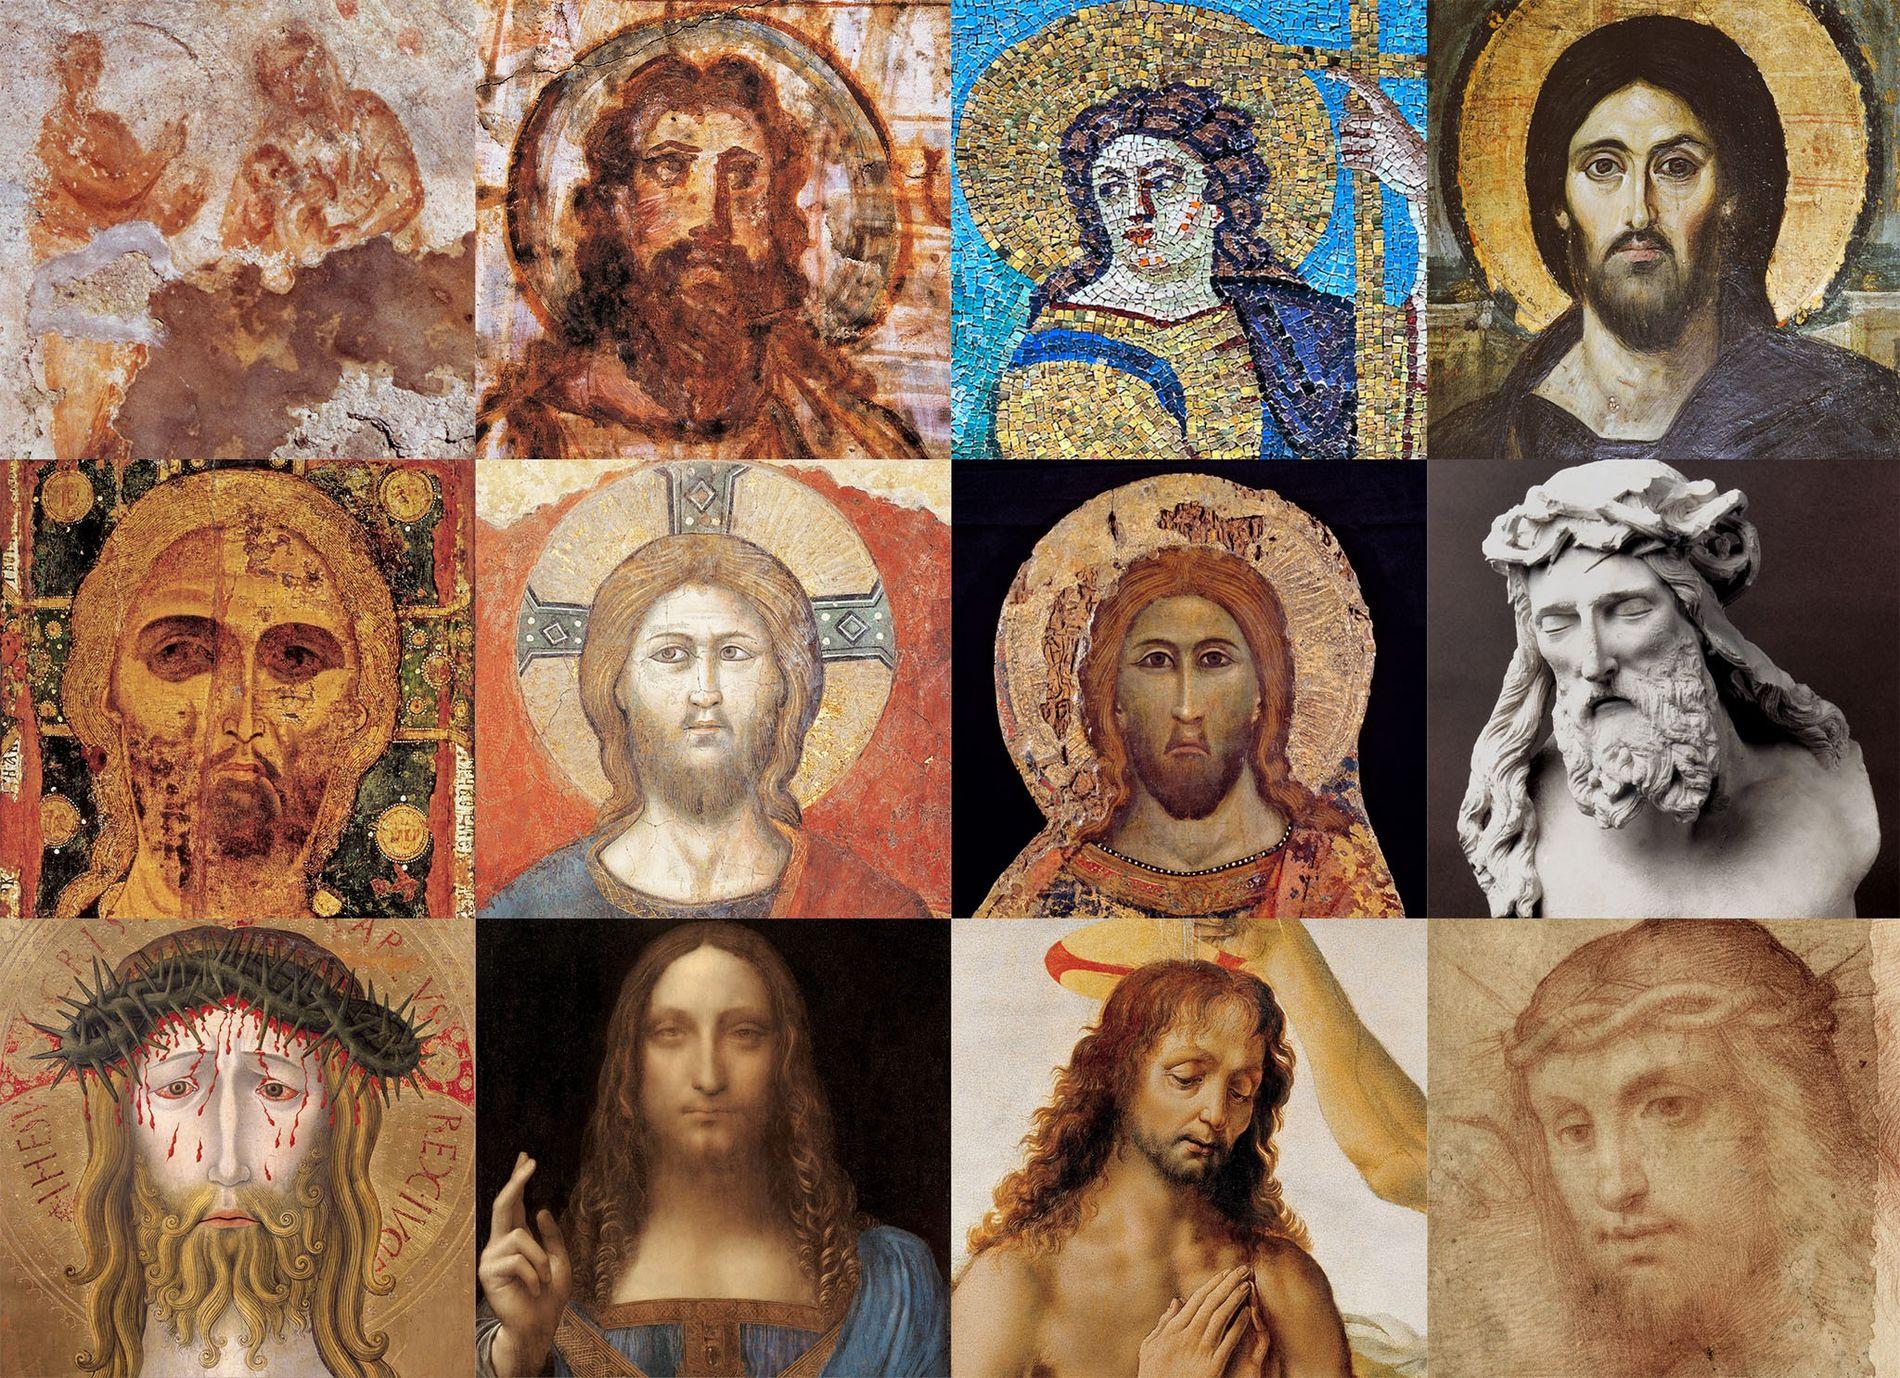 Portraits de Jésus, de l'époque romaine à nos jours  PREMIÈRE RANGÉE (de gauche à droite): 1) Marie, l'Enfant ...